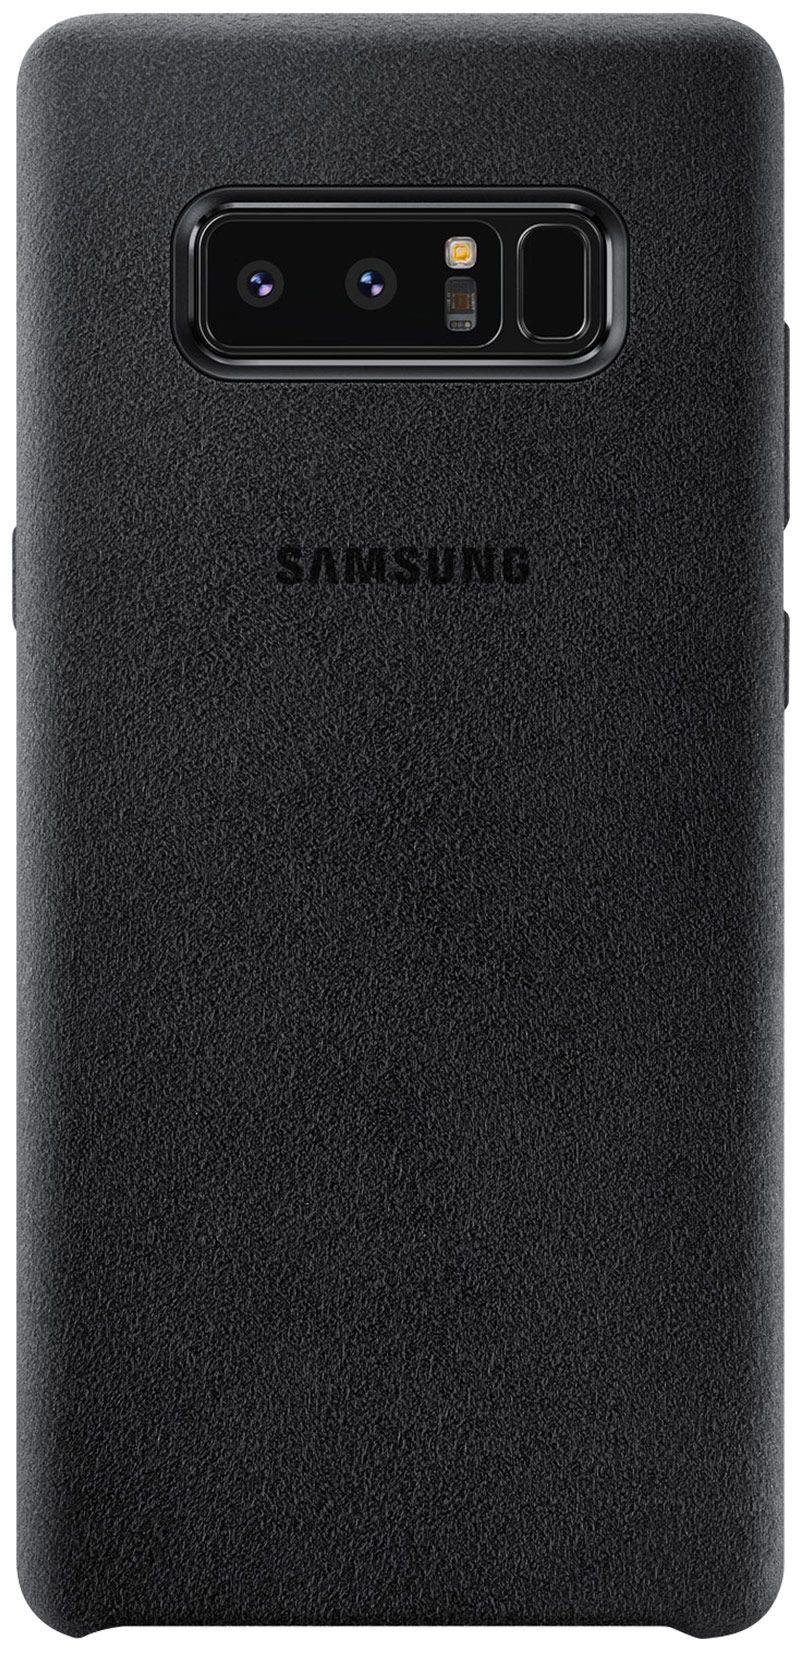 Coque en Alcantara Samsung Galaxy Note8